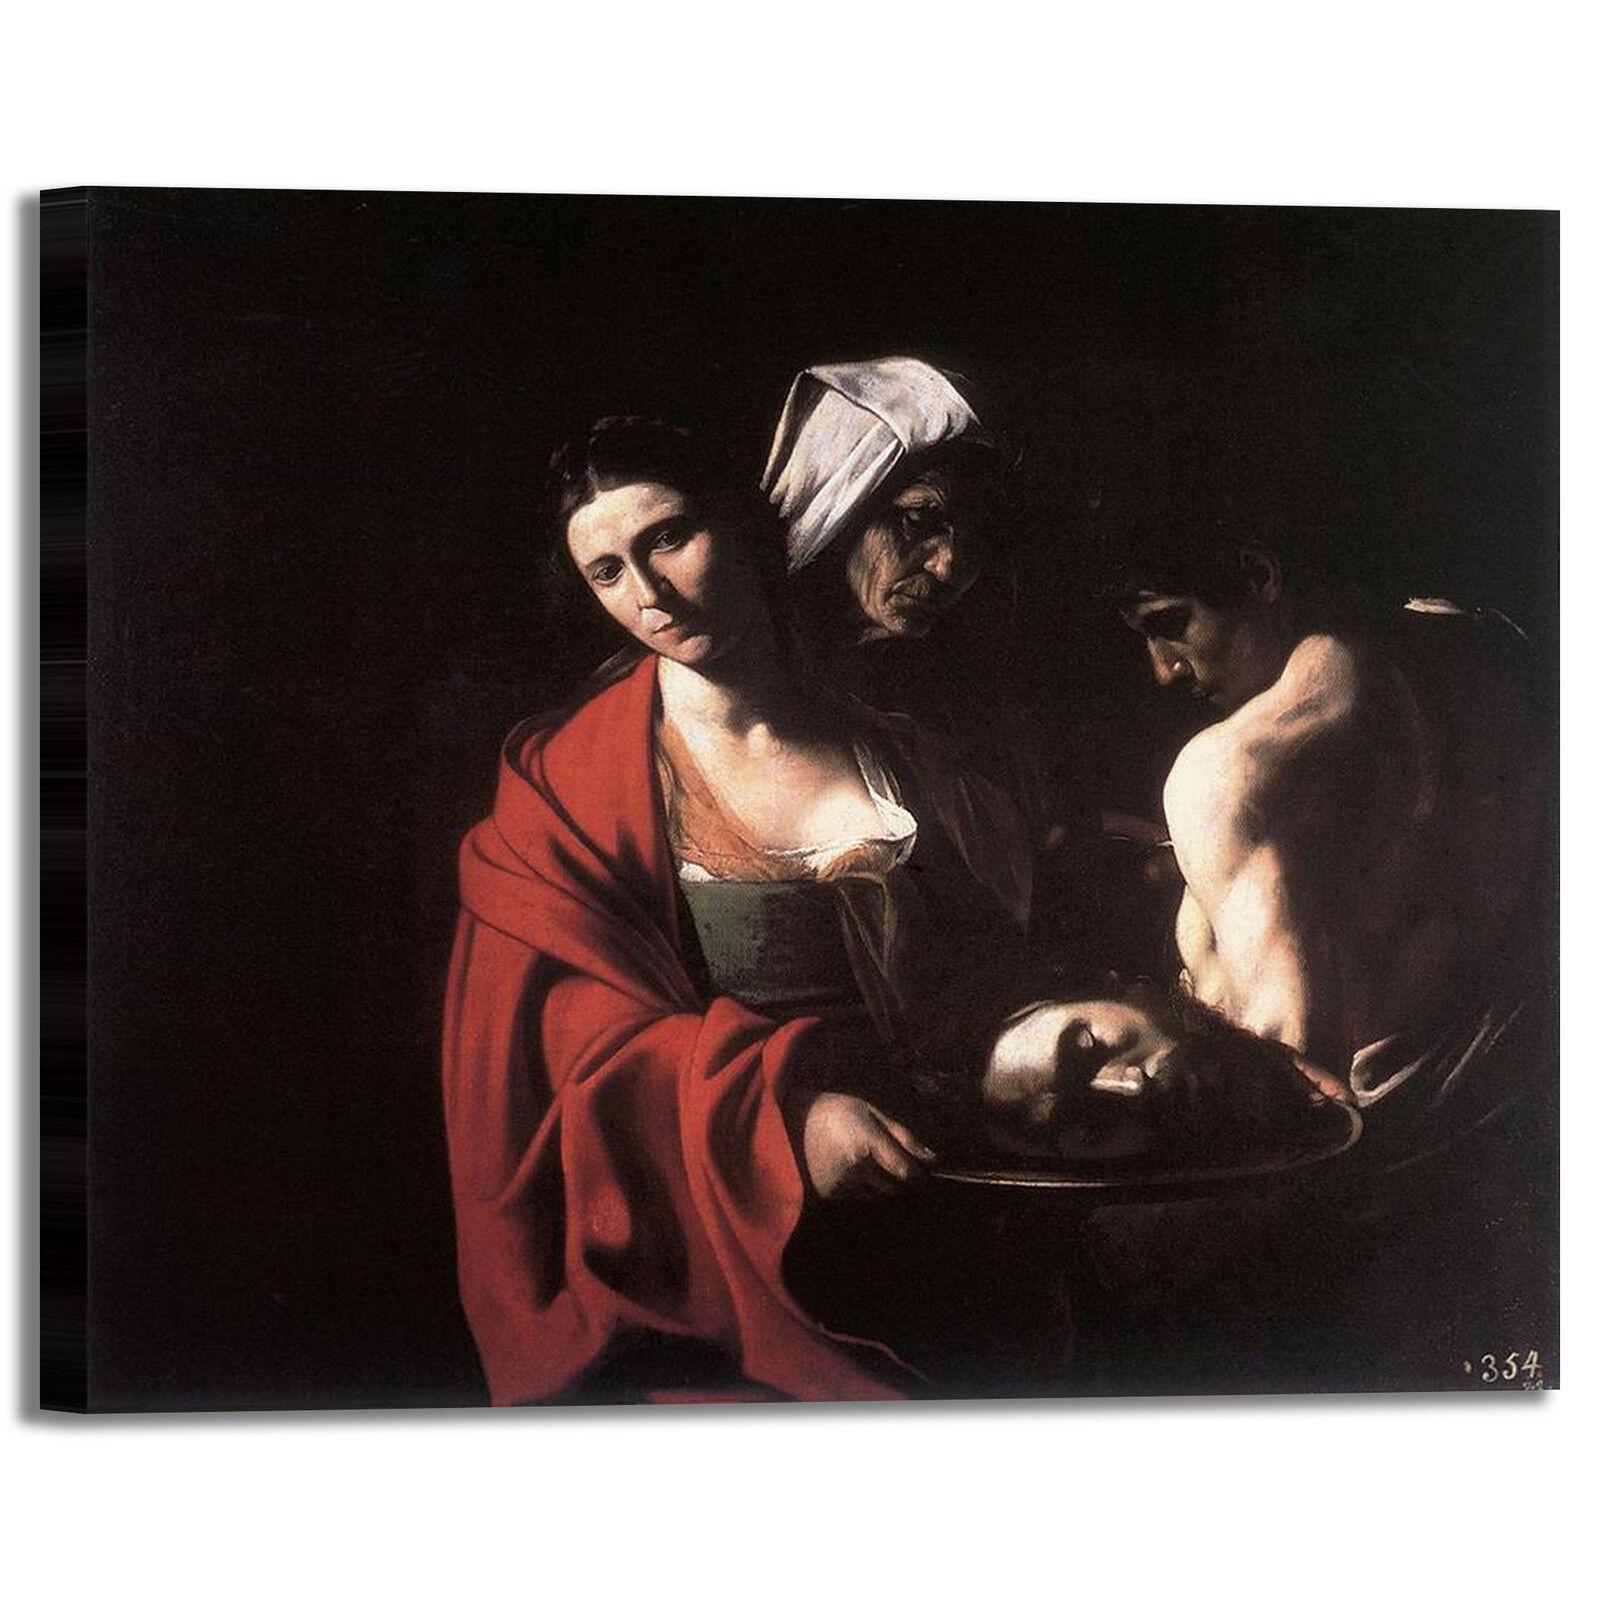 Caravaggio Salomè con la testa stampa Battista quadro stampa testa tela dipinto arRouge o casa 5891df